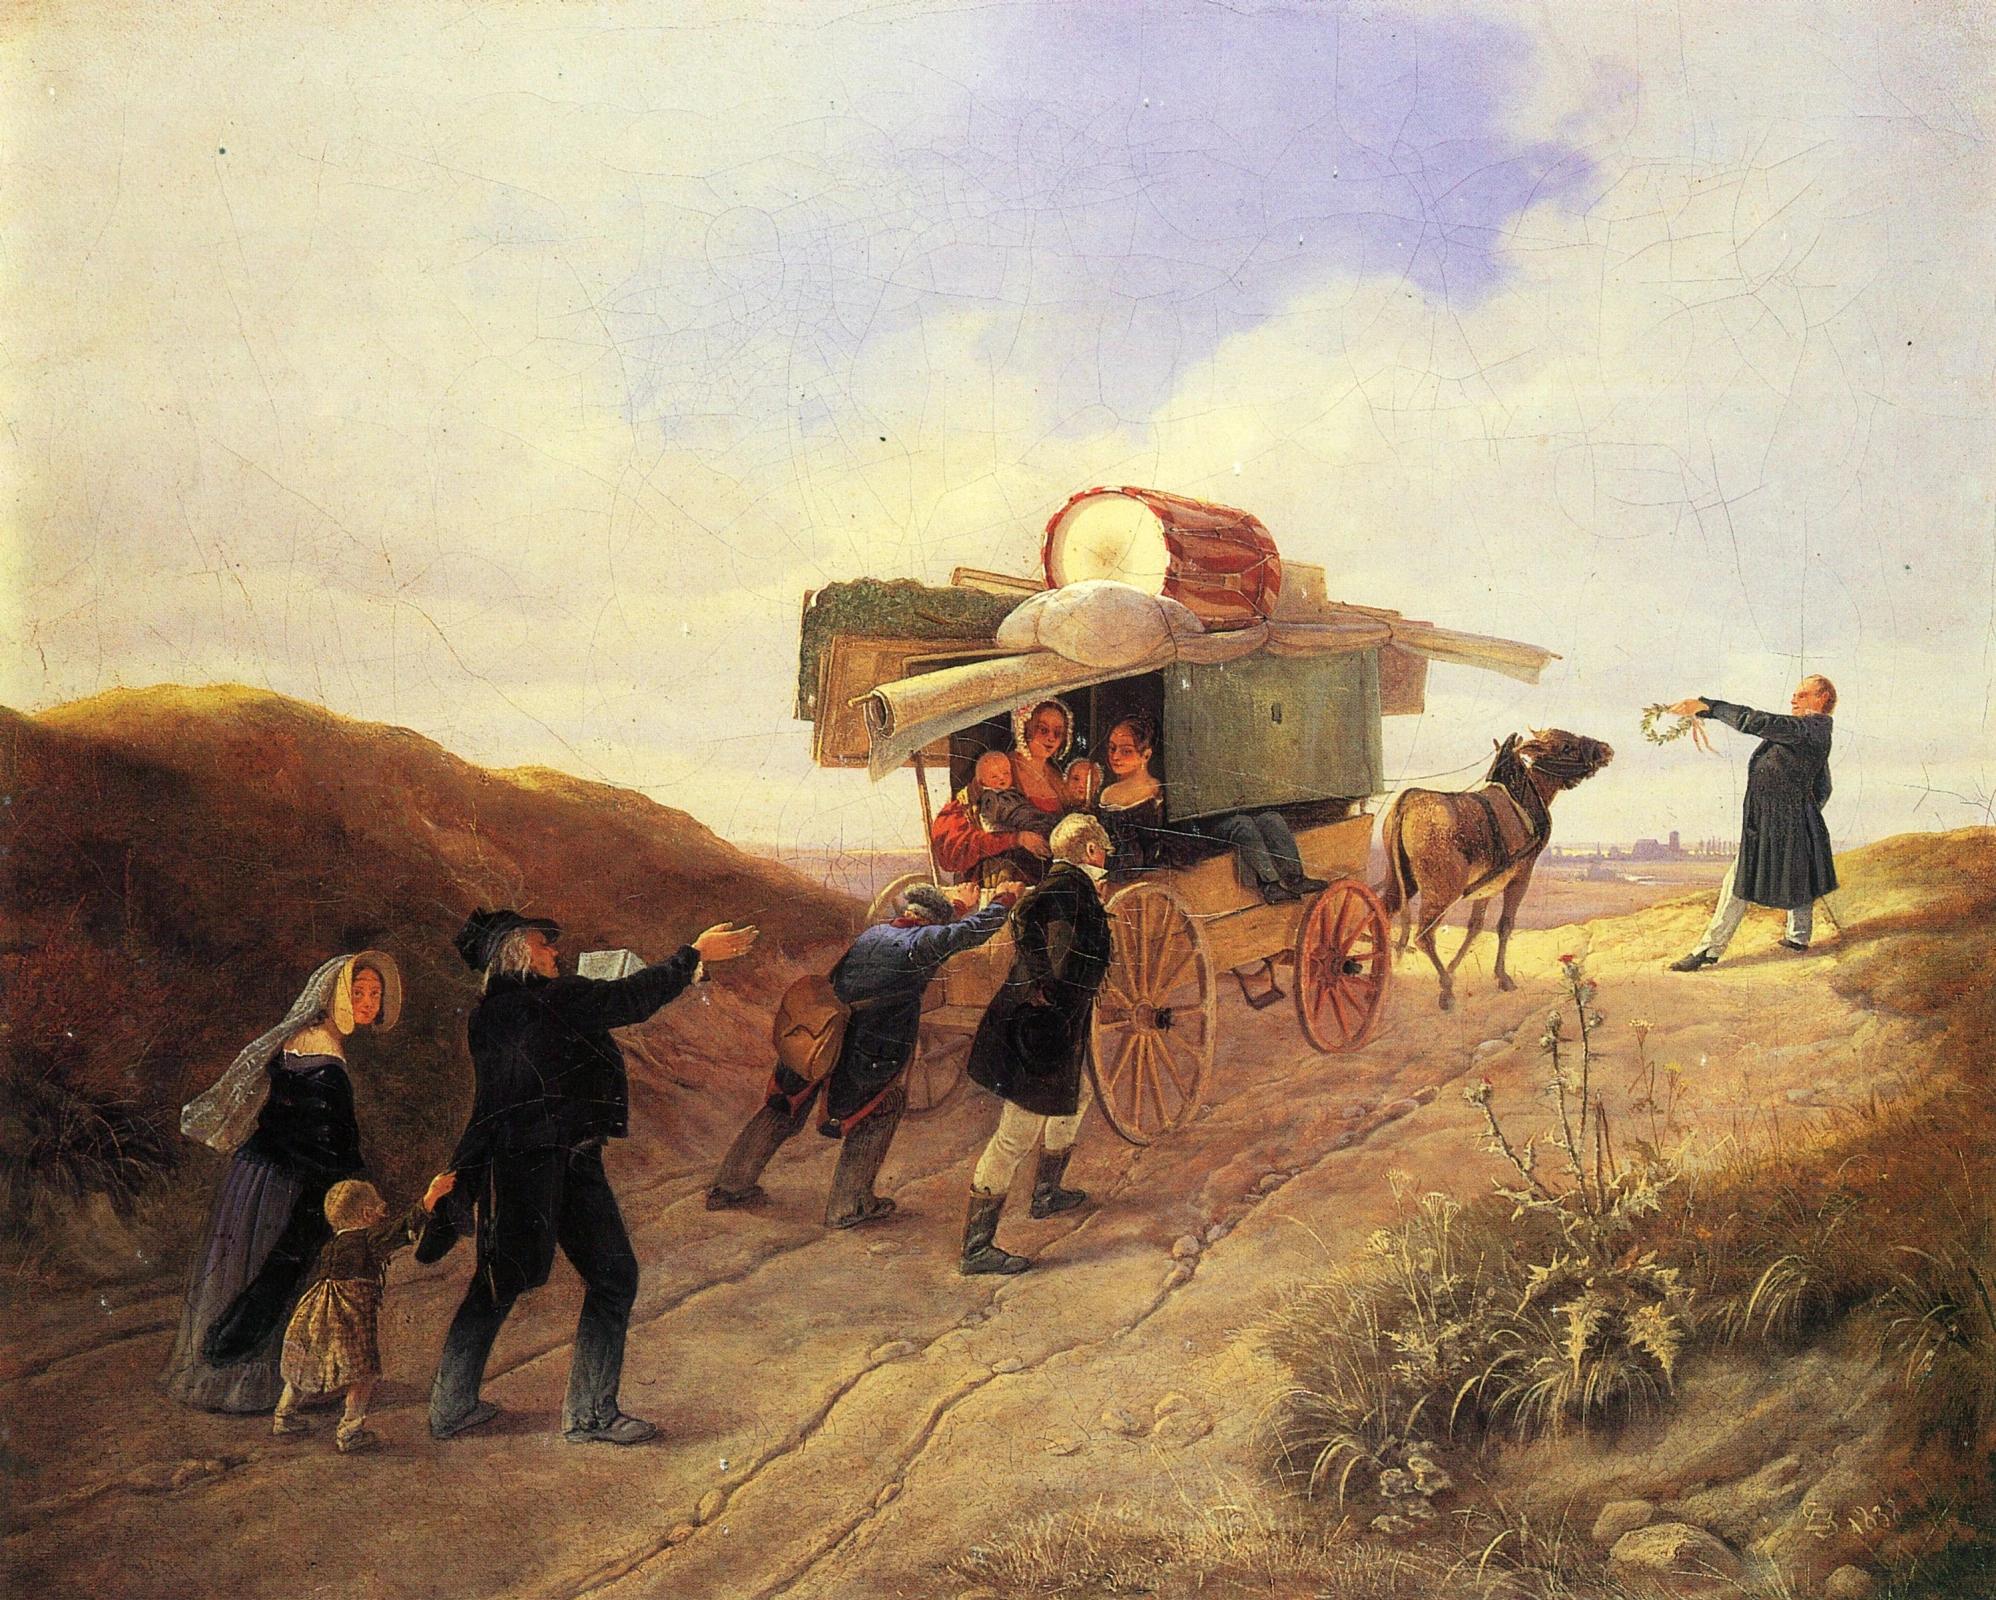 Карл Шпицвег «Странствующие комедианты» (1839)